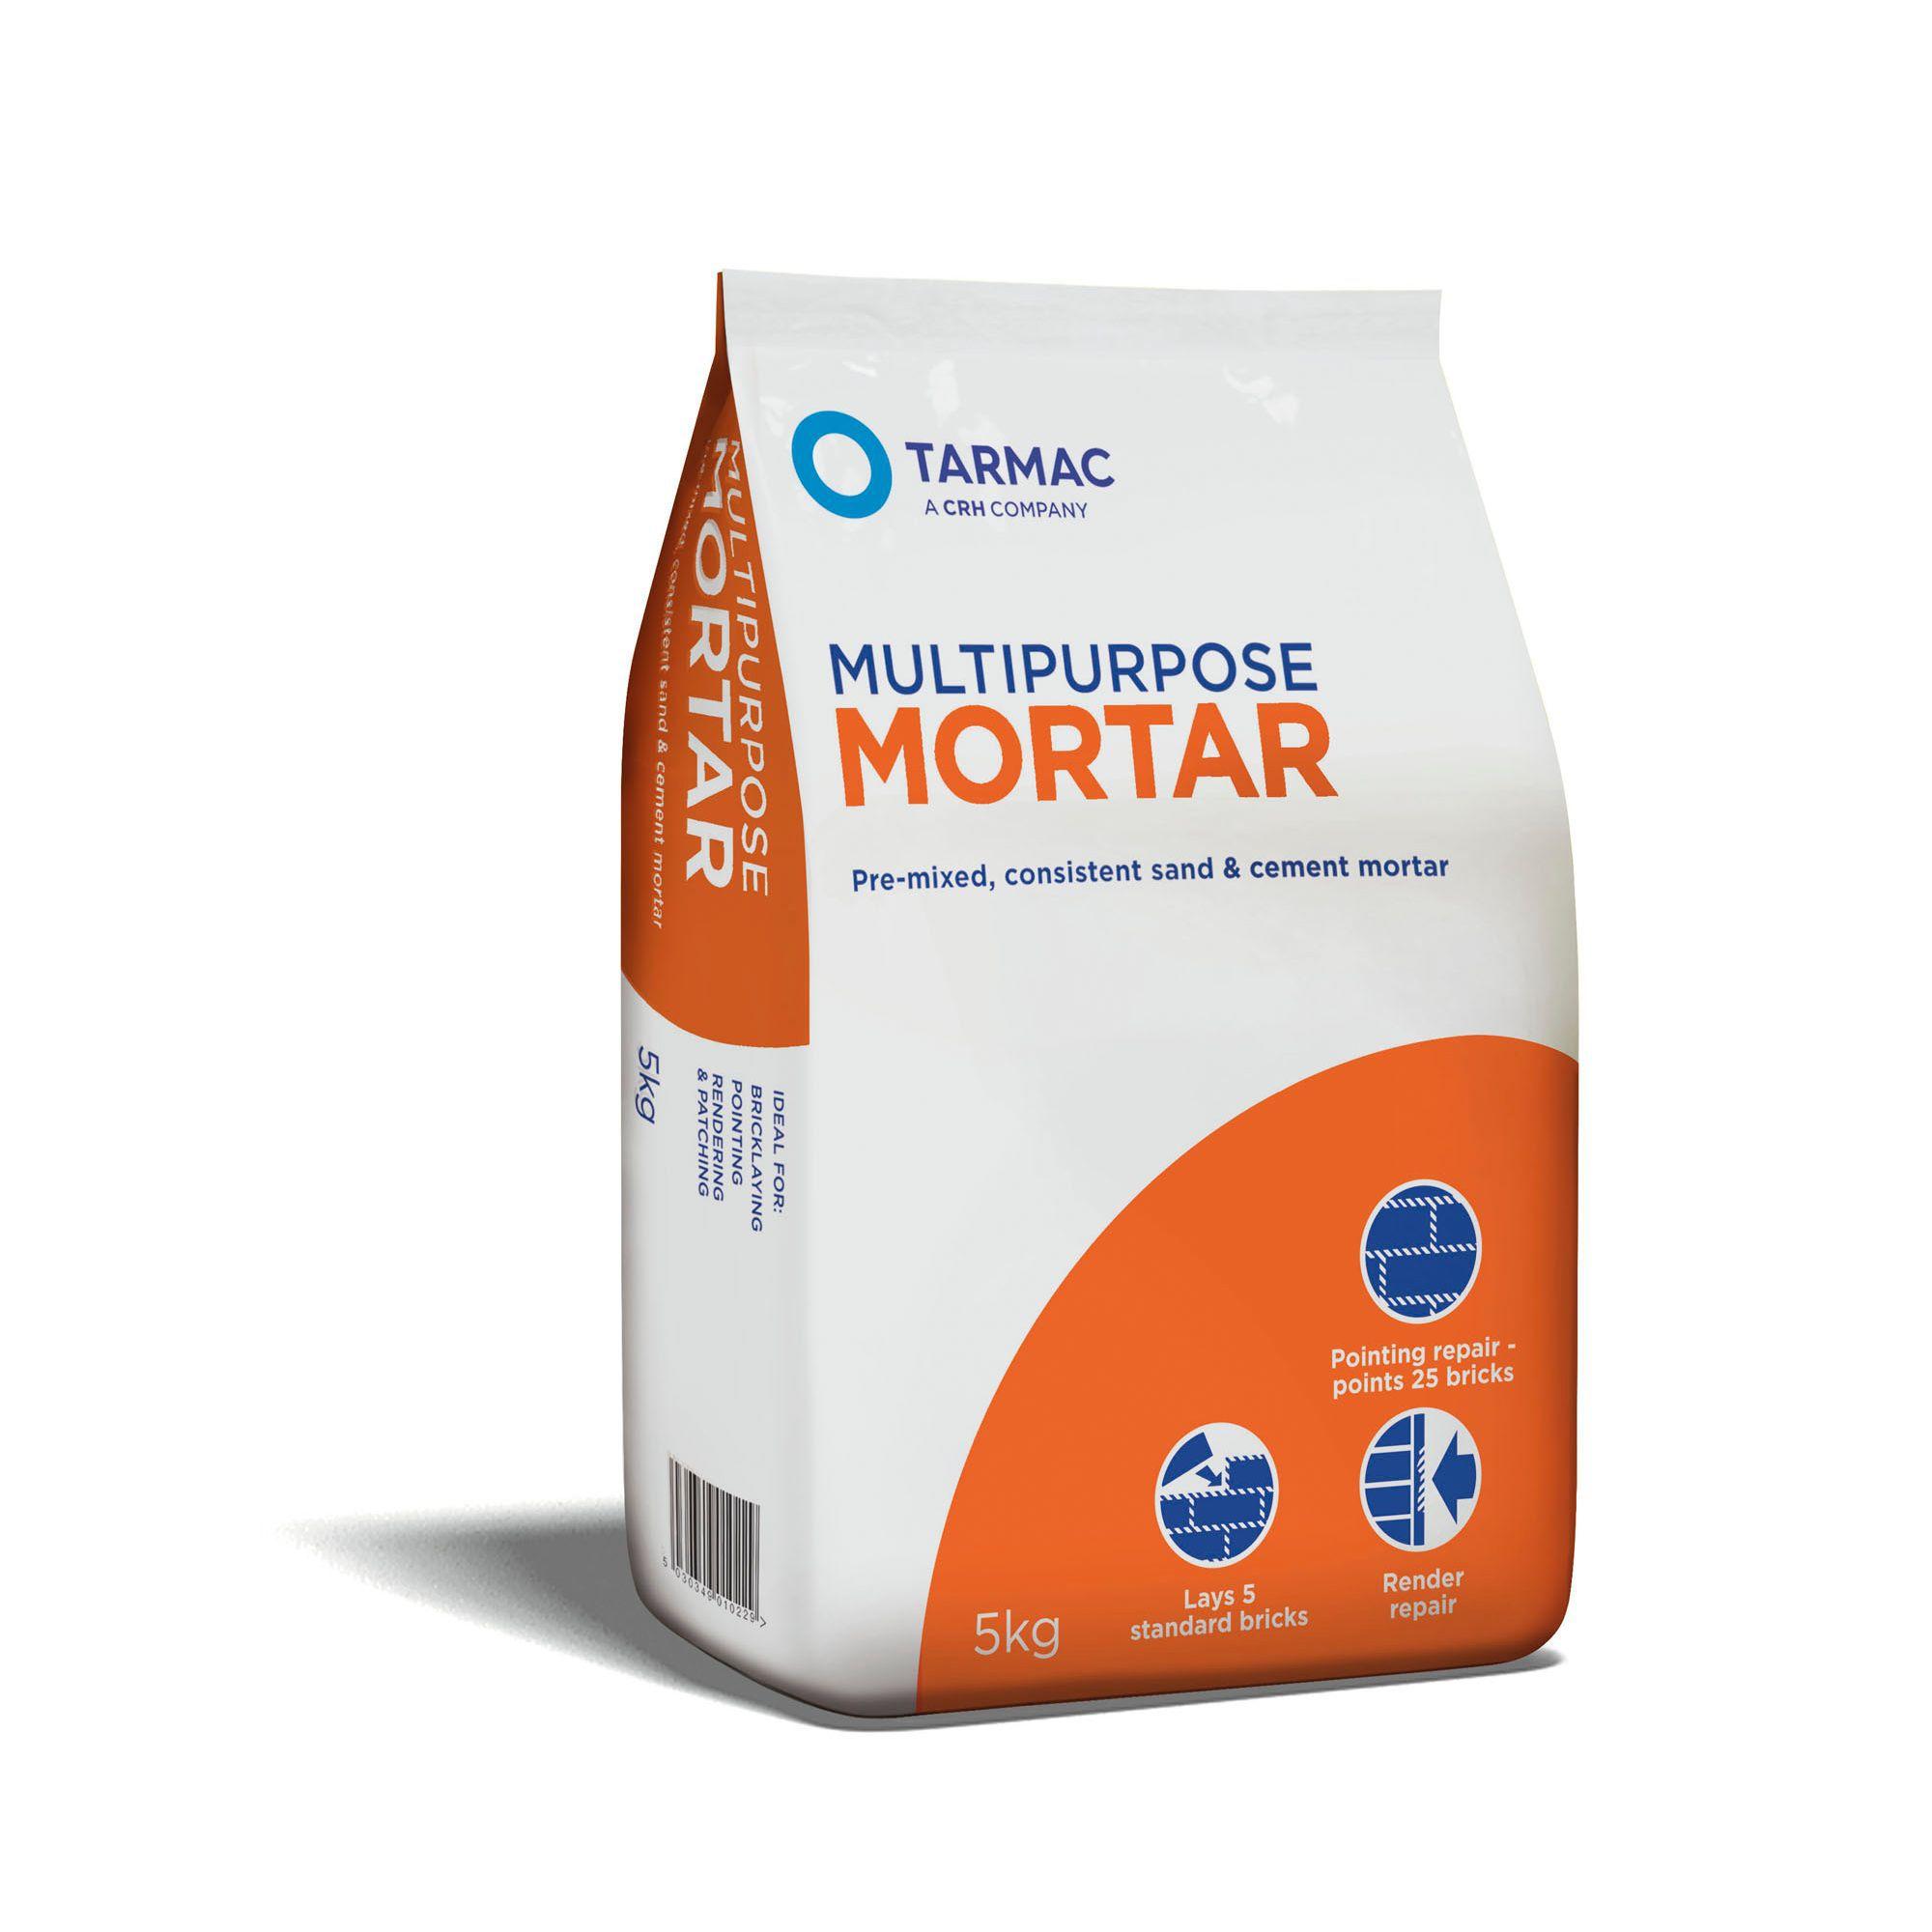 Tarmac Multipurpose Mortar 5kg Bag   Departments   DIY at B Q. Artex Easifix Exterior Render Repair Kit Reviews. Home Design Ideas